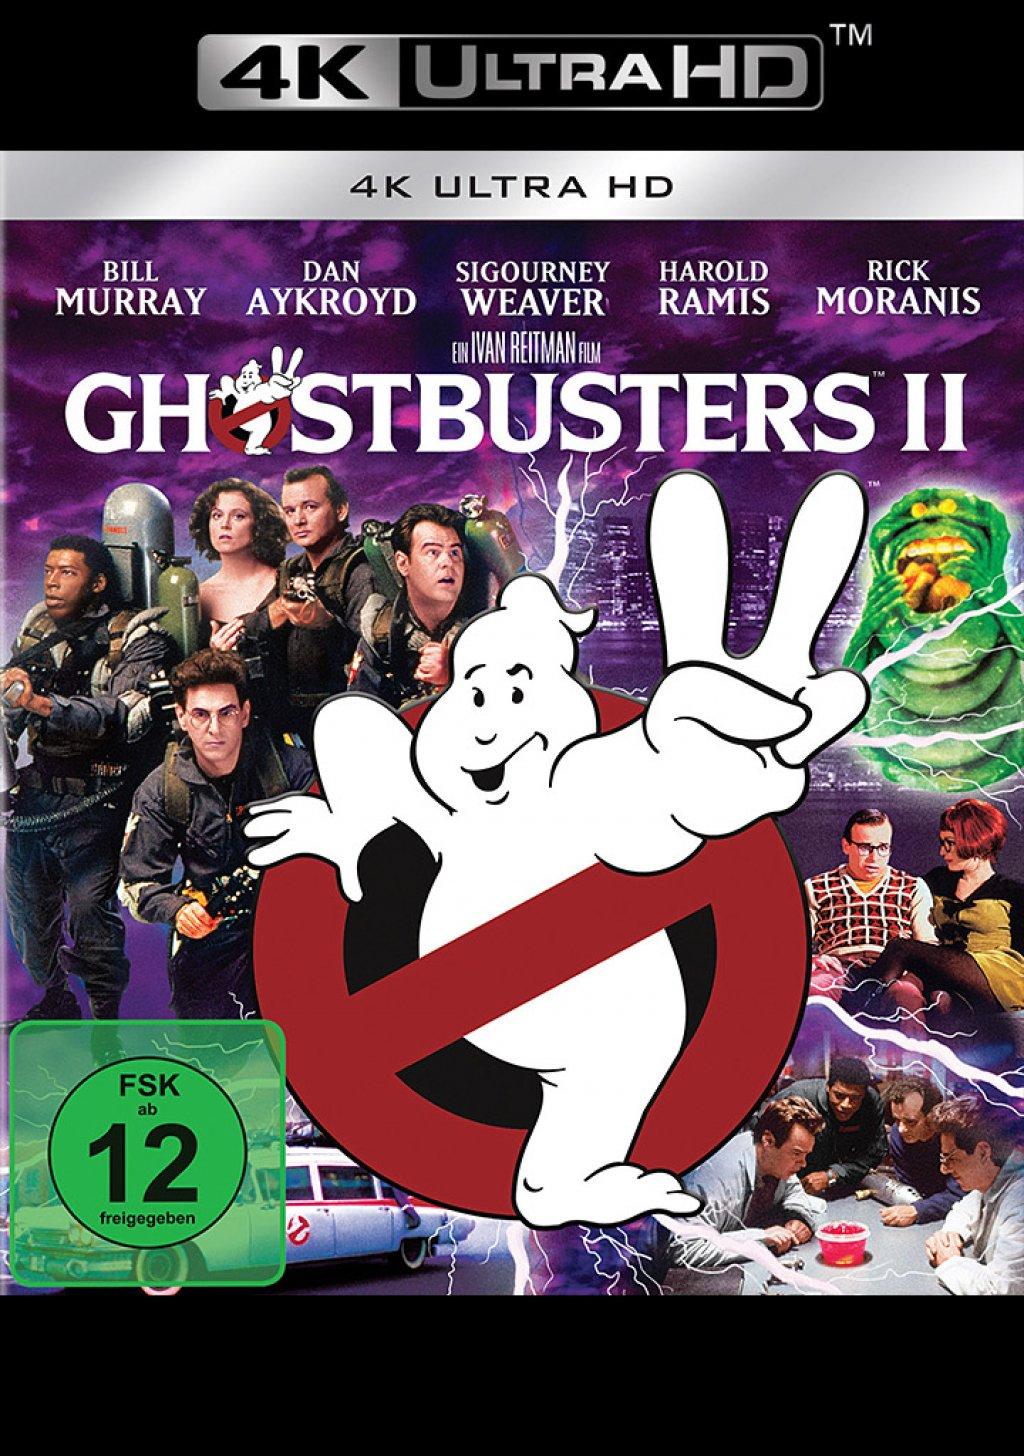 Ghostbusters 2 - 4K Ultra HD Blu-ray (4K Ultra HD)